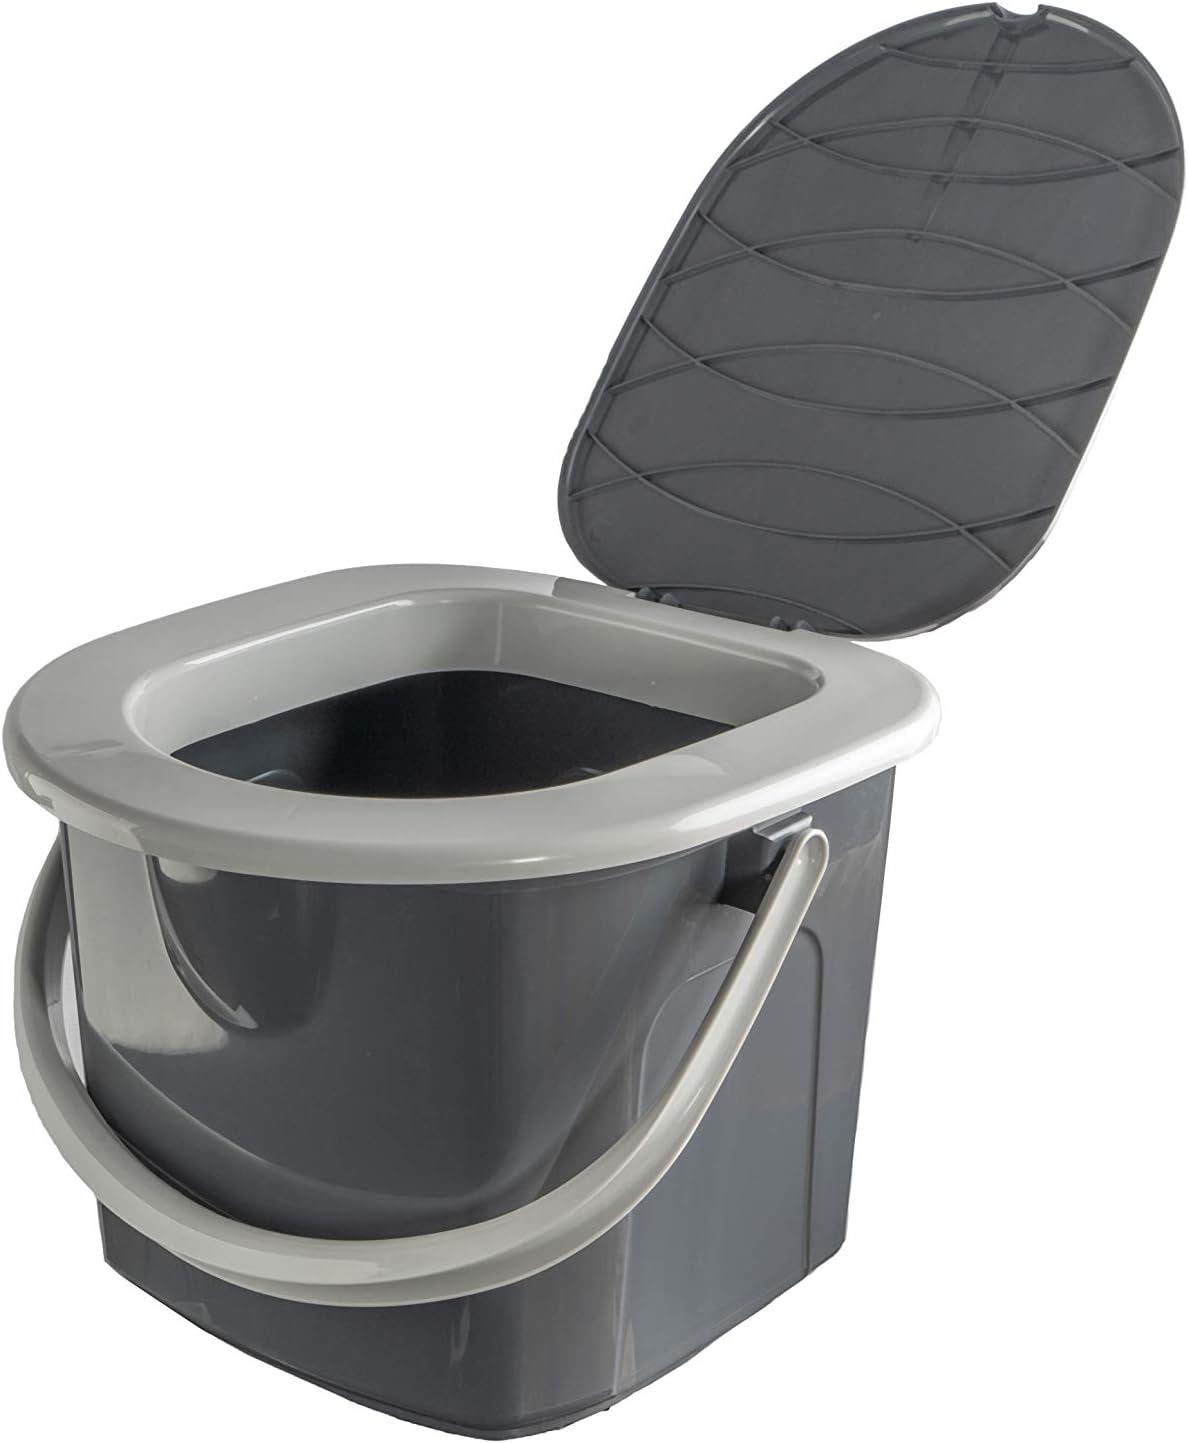 BRANQ Toilettes 15,5 litres de camping toilettes seau WC ...